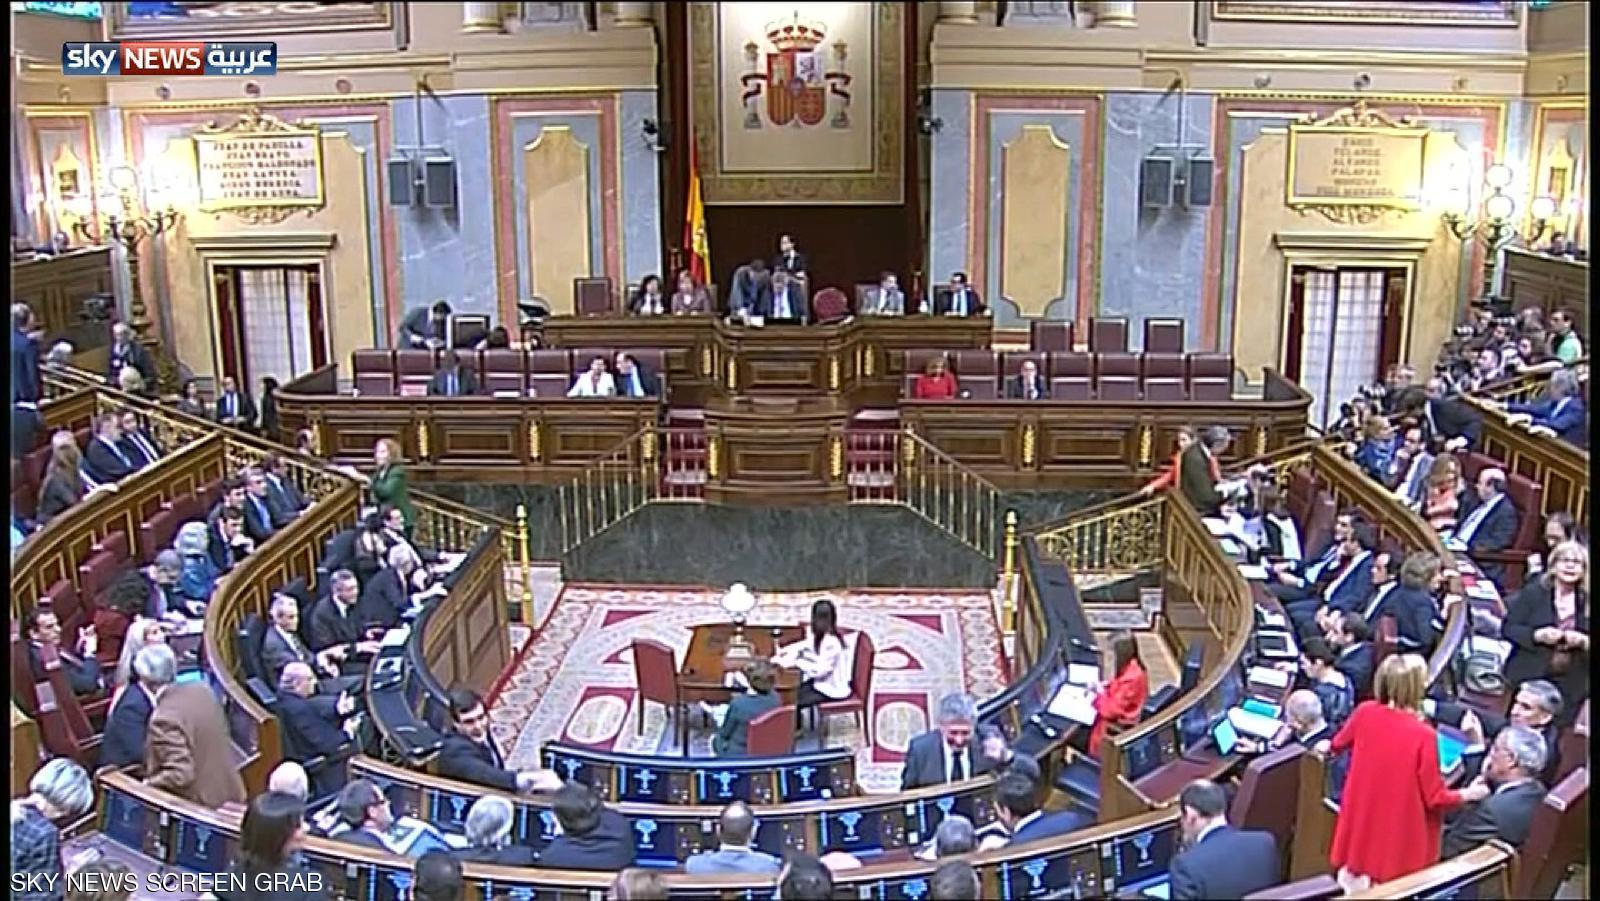 اسبانيا: عقد جلسة النقاش حول تنصيب الحكومة الجديدة يوم 30 غشت الجاري